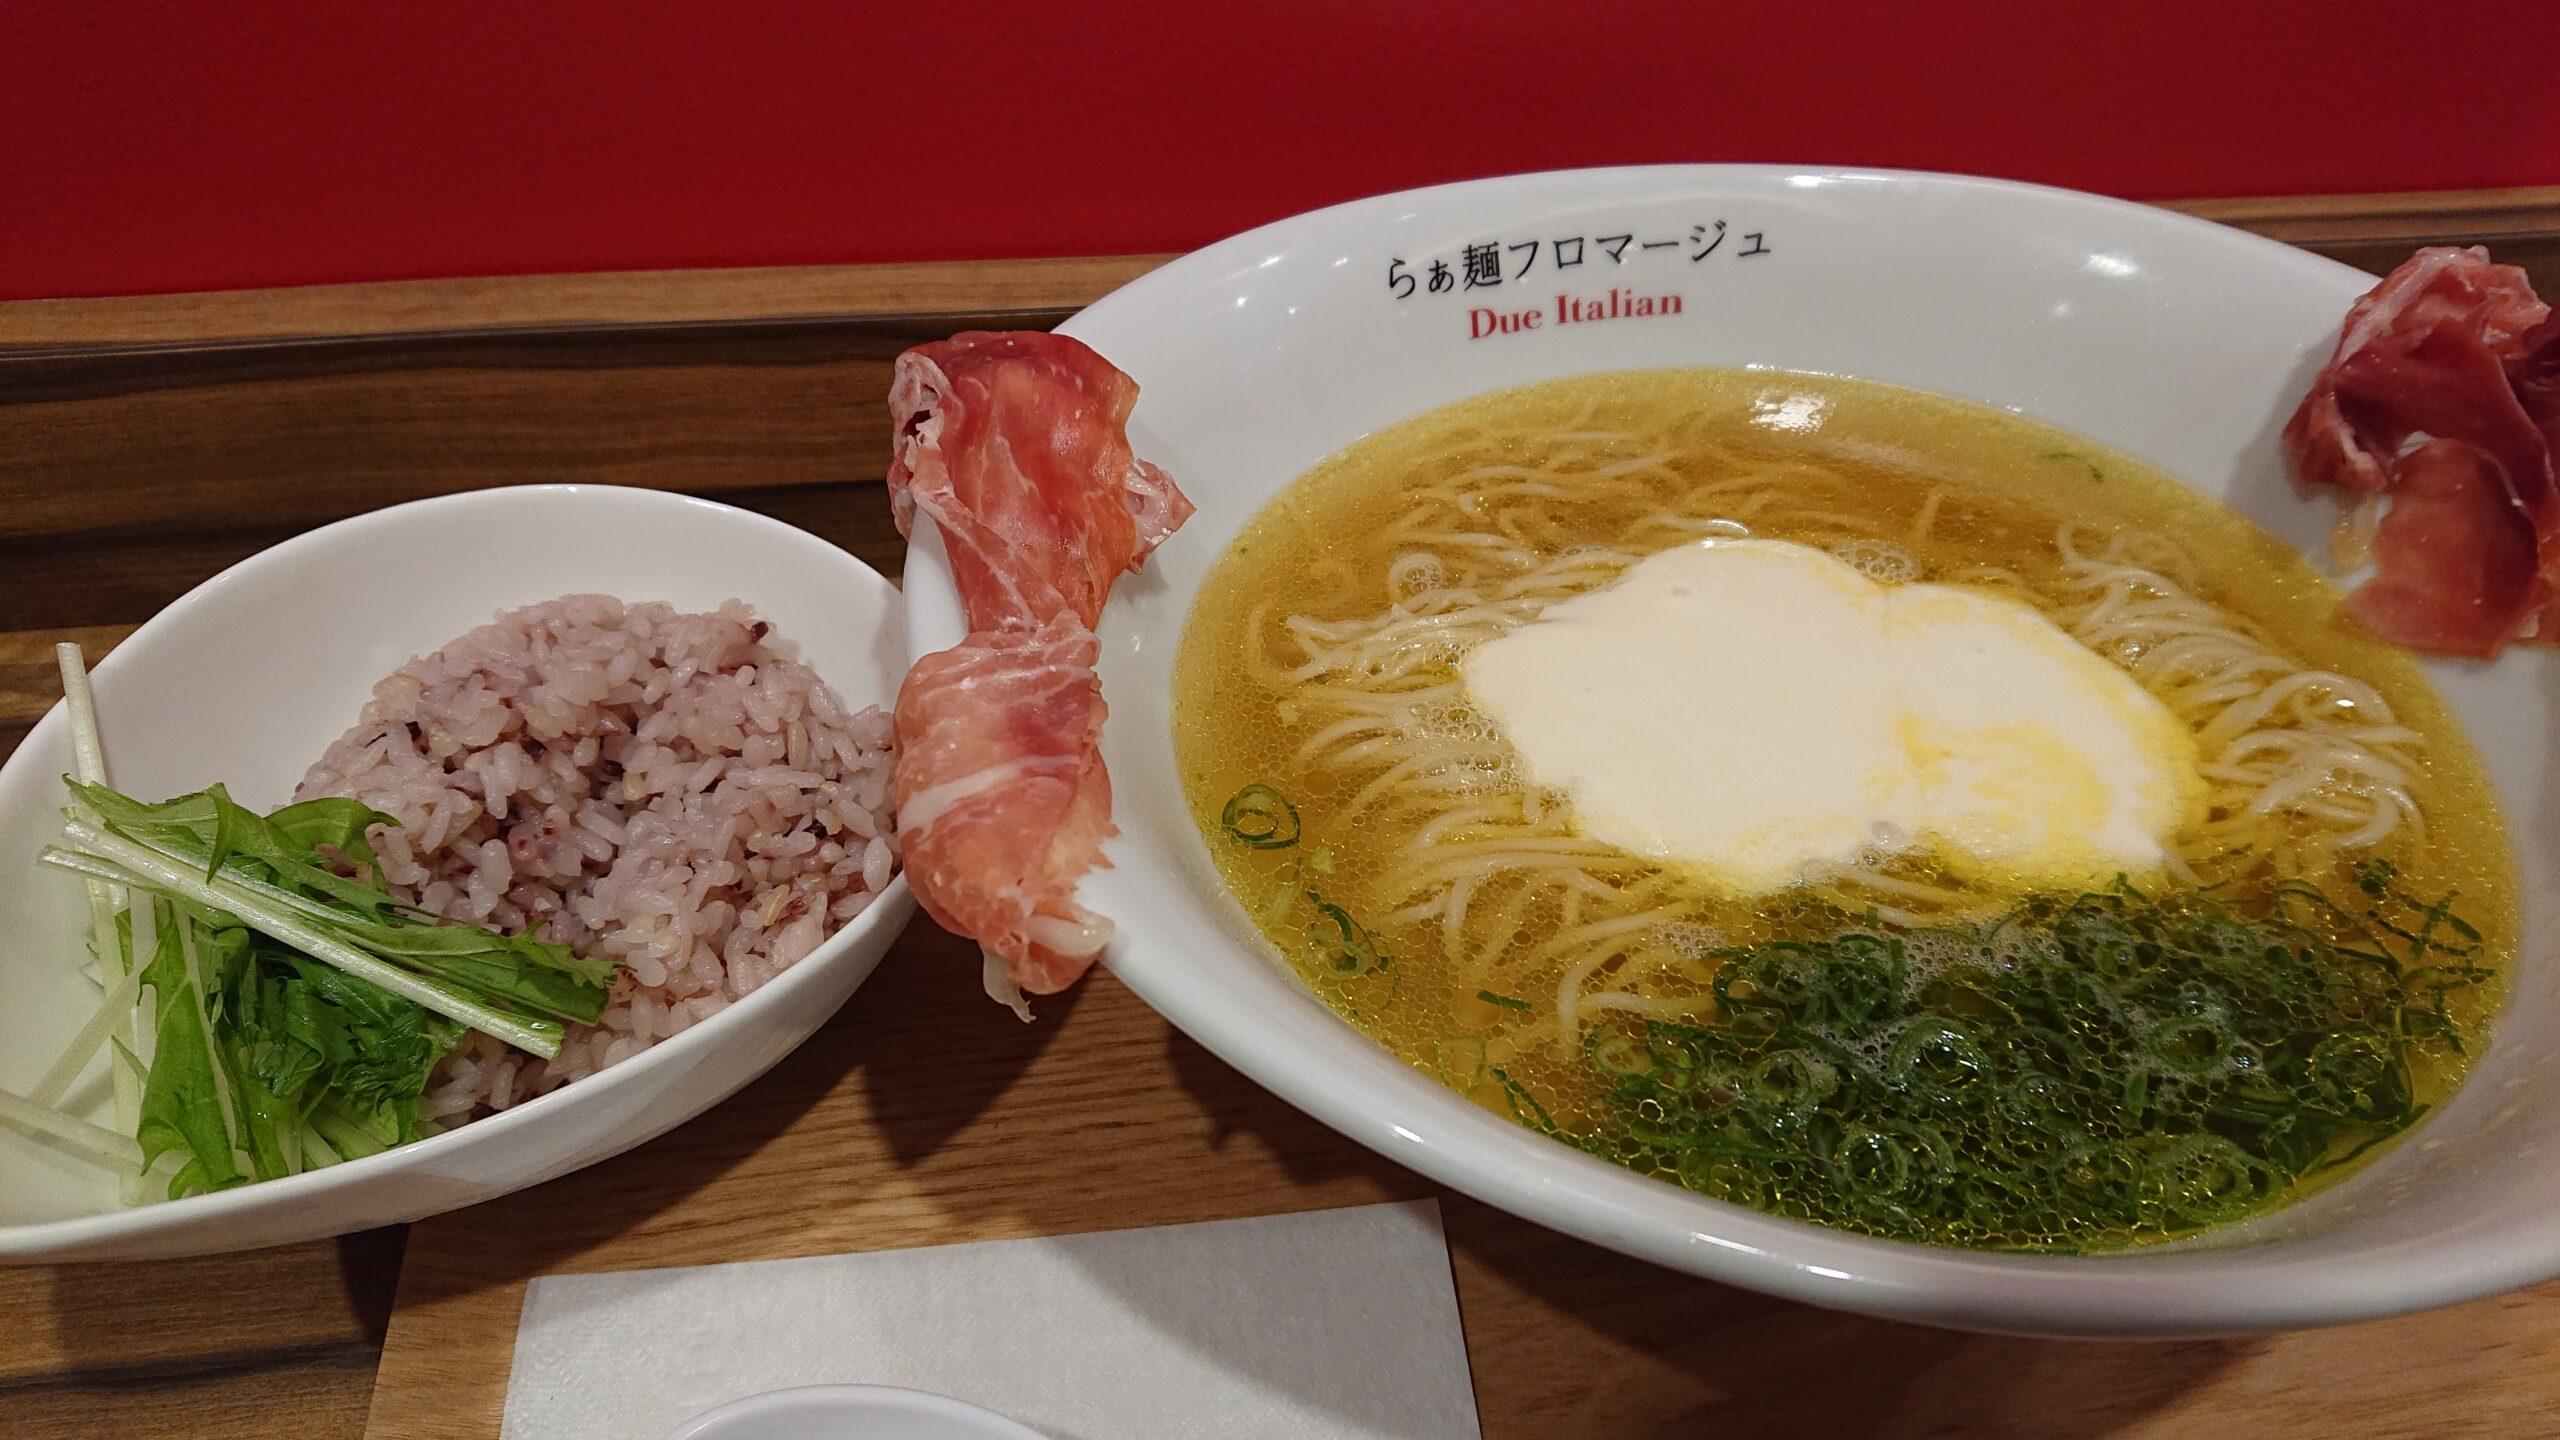 ドゥエイタリアン(DueItalian)京成八幡店の一番人気のセット